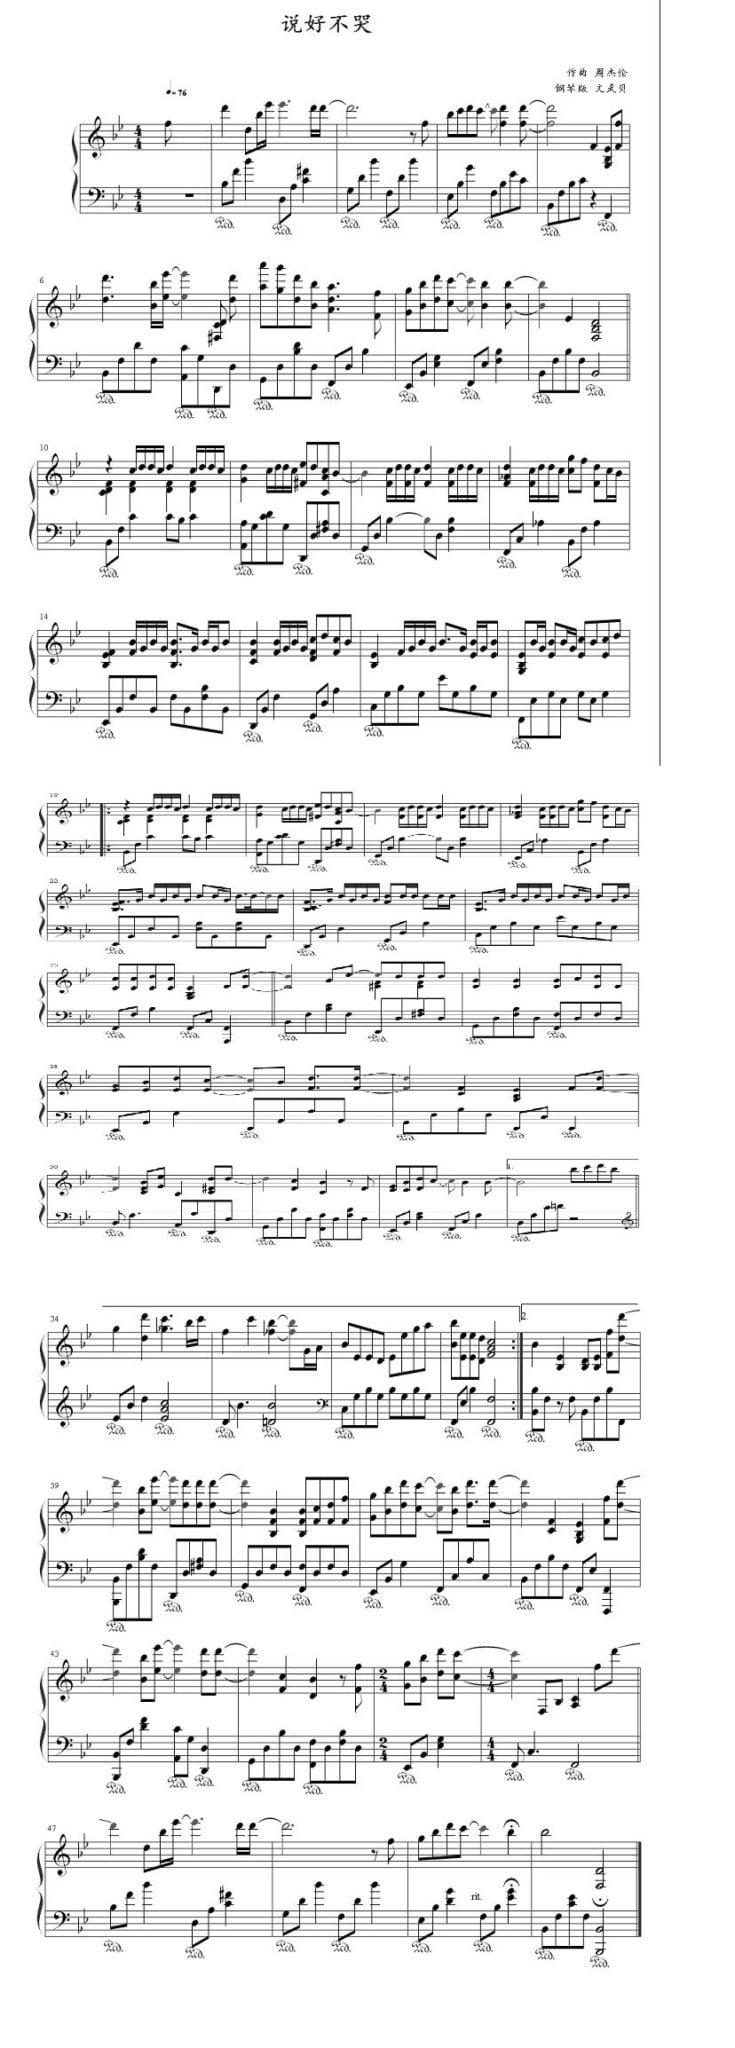 《说好不哭》钢琴谱